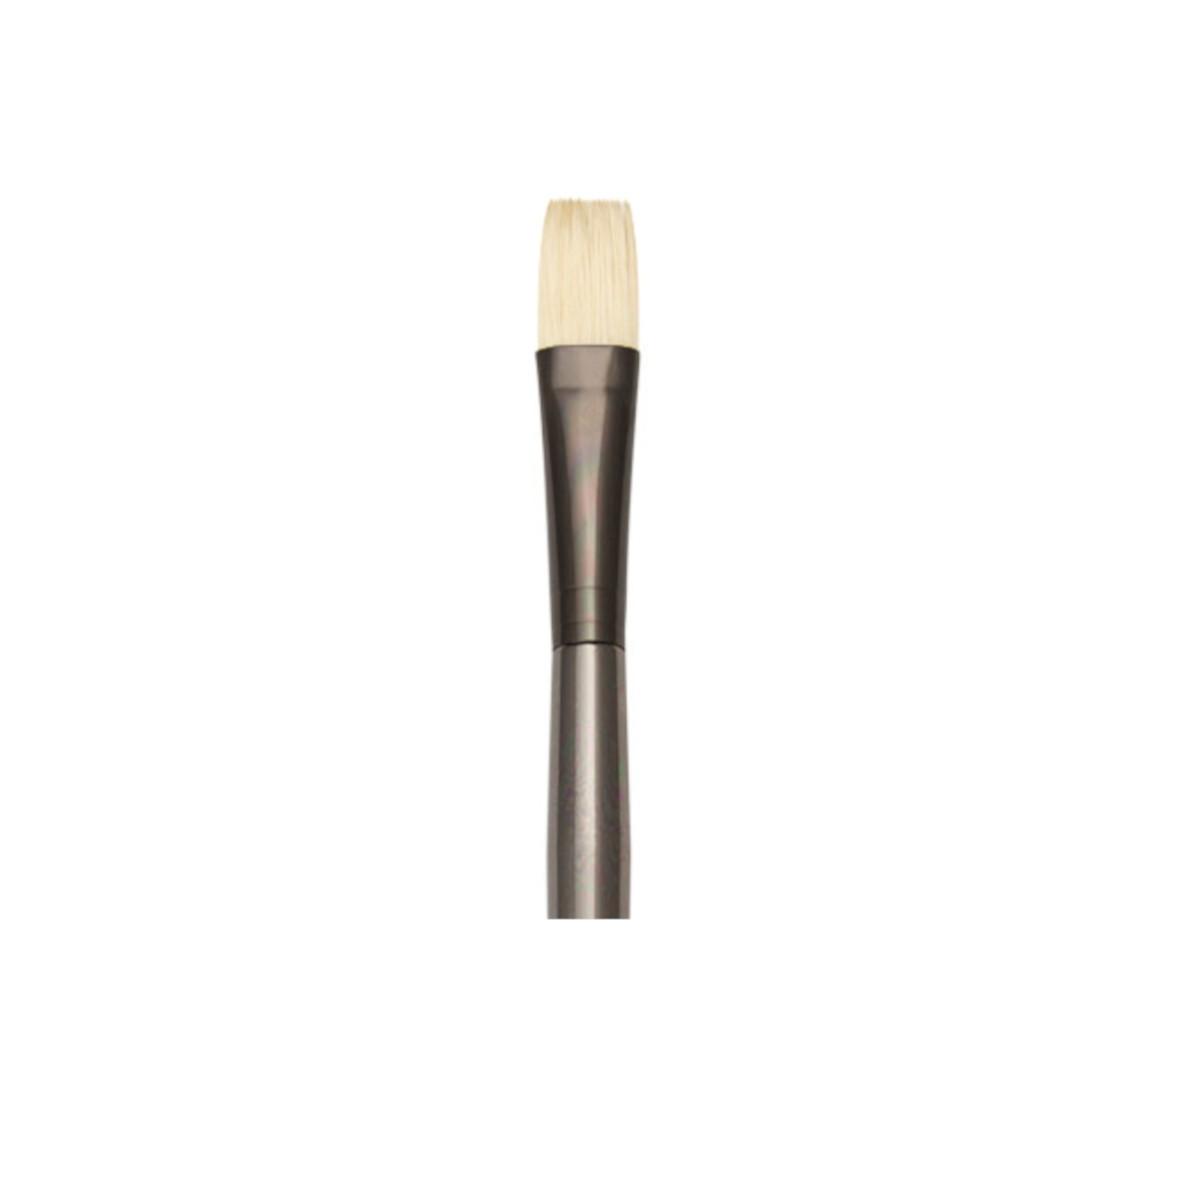 Royal & Langnickel pensel, flad, syntetisk